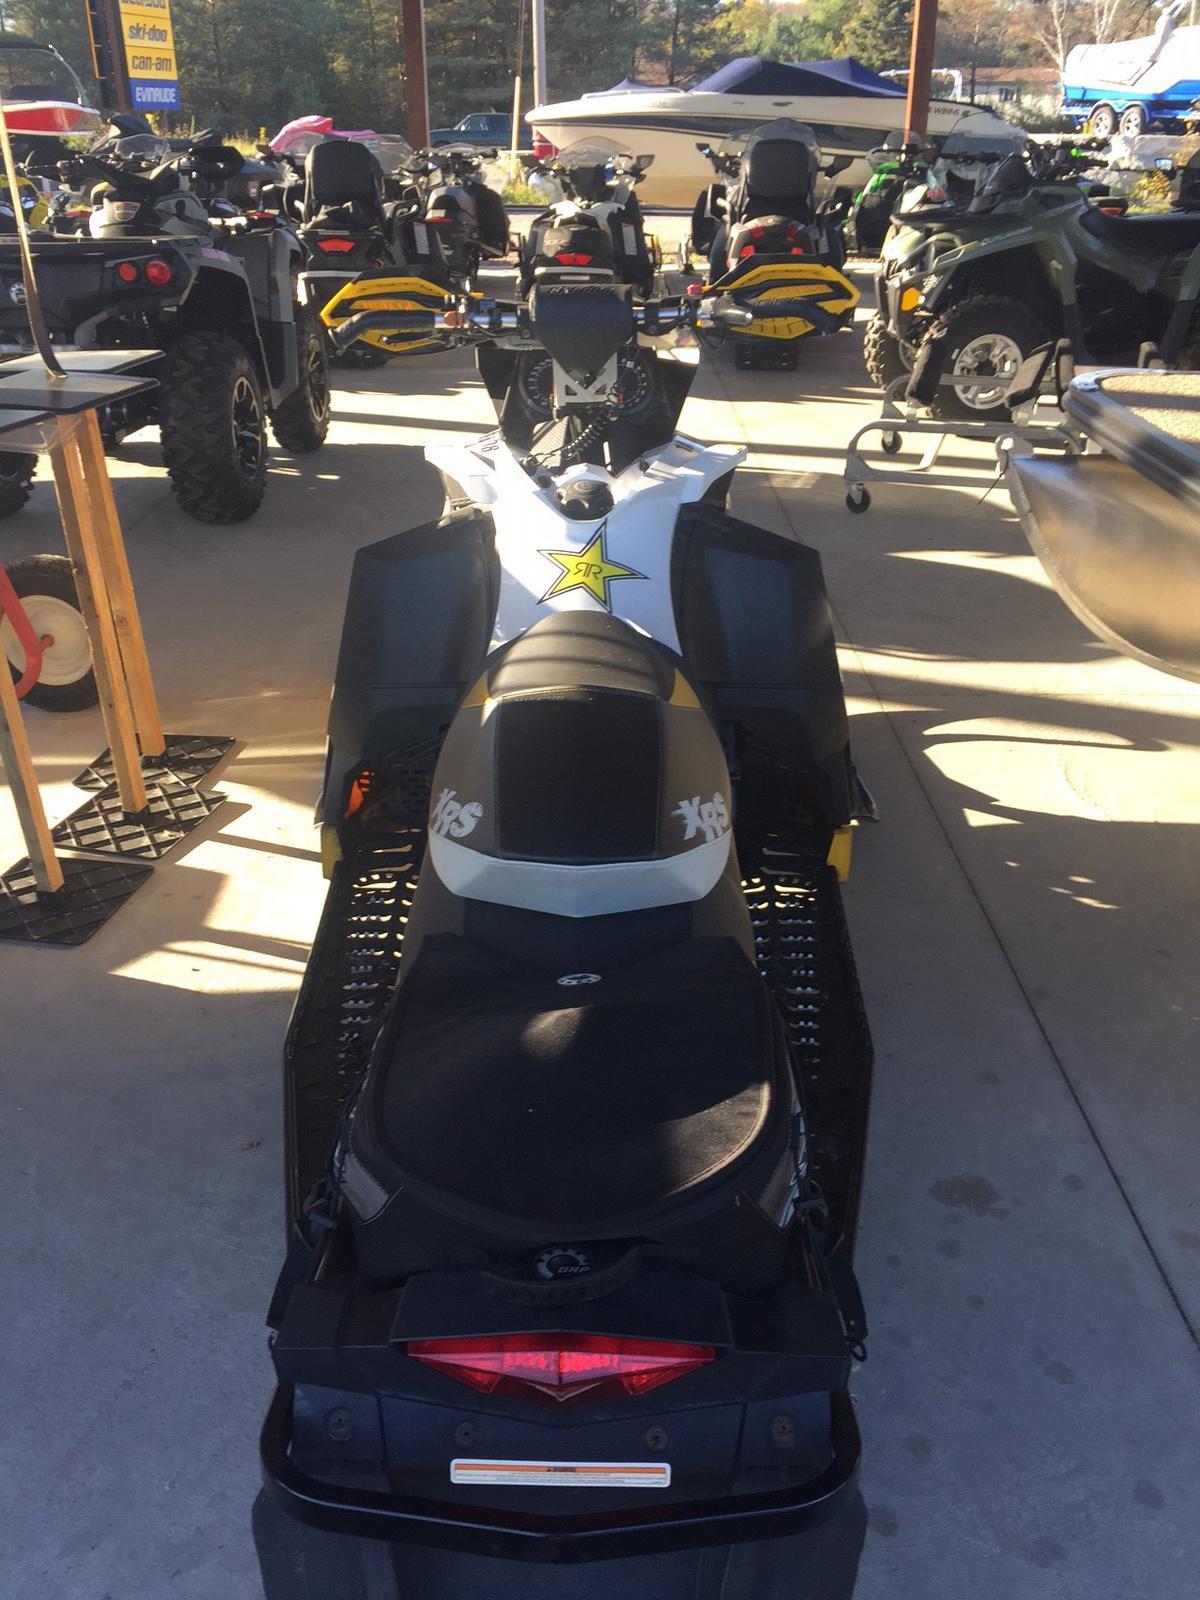 2011 Ski Doo MXZ XRS 800 E-TEC | 2 of 2